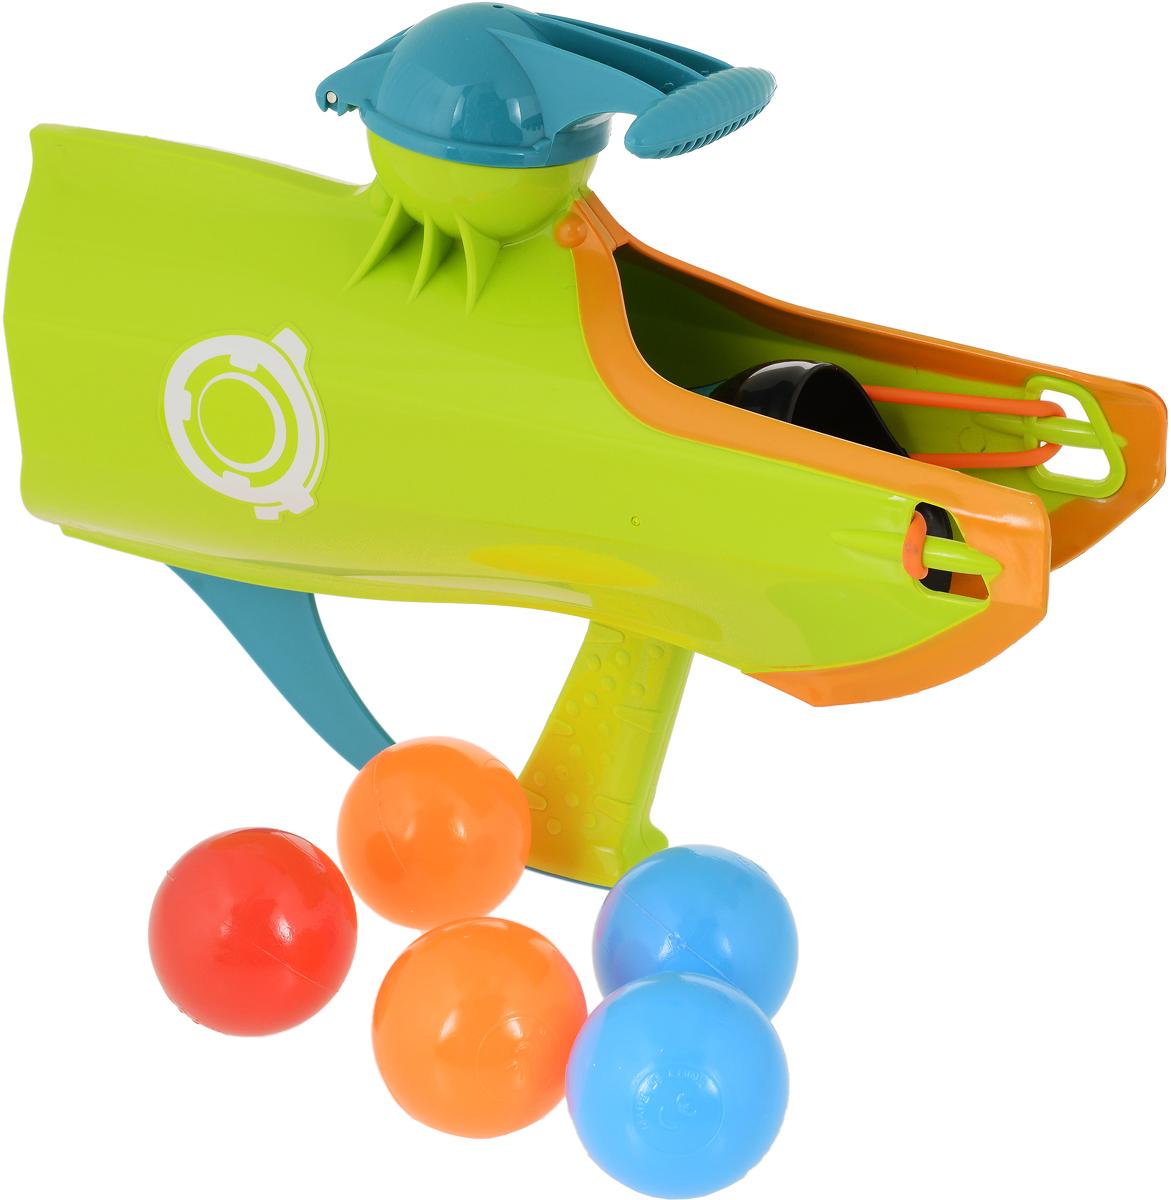 Веселые забавы Бластер для снежков 2 в 1 цвет салатовый - Игрушечное оружие